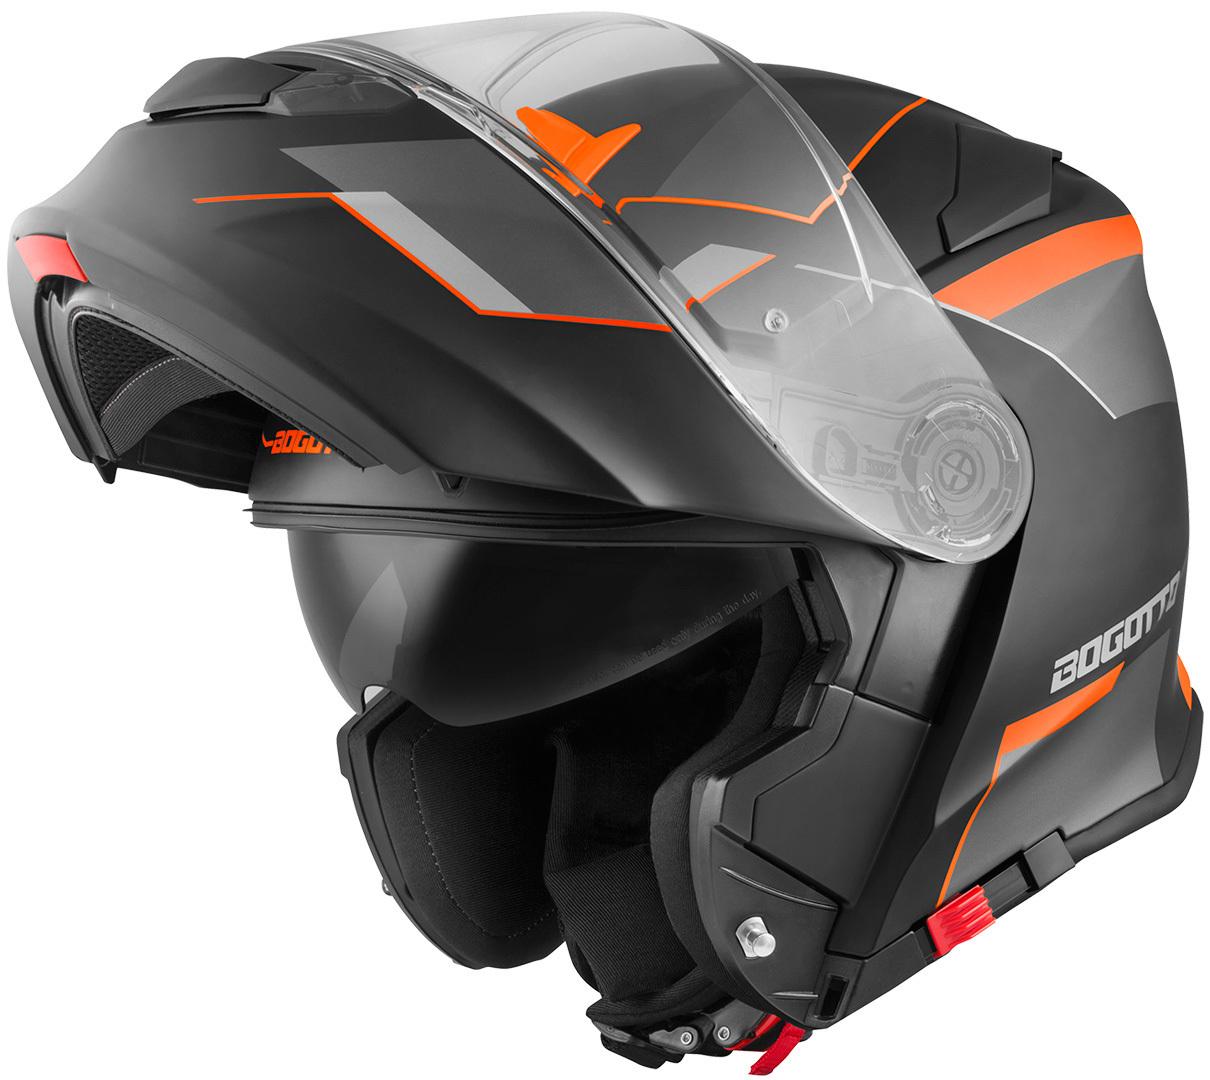 Bogotto V271 Delta Klapphelm, schwarz-orange, Größe 2XL, schwarz-orange, Größe 2XL